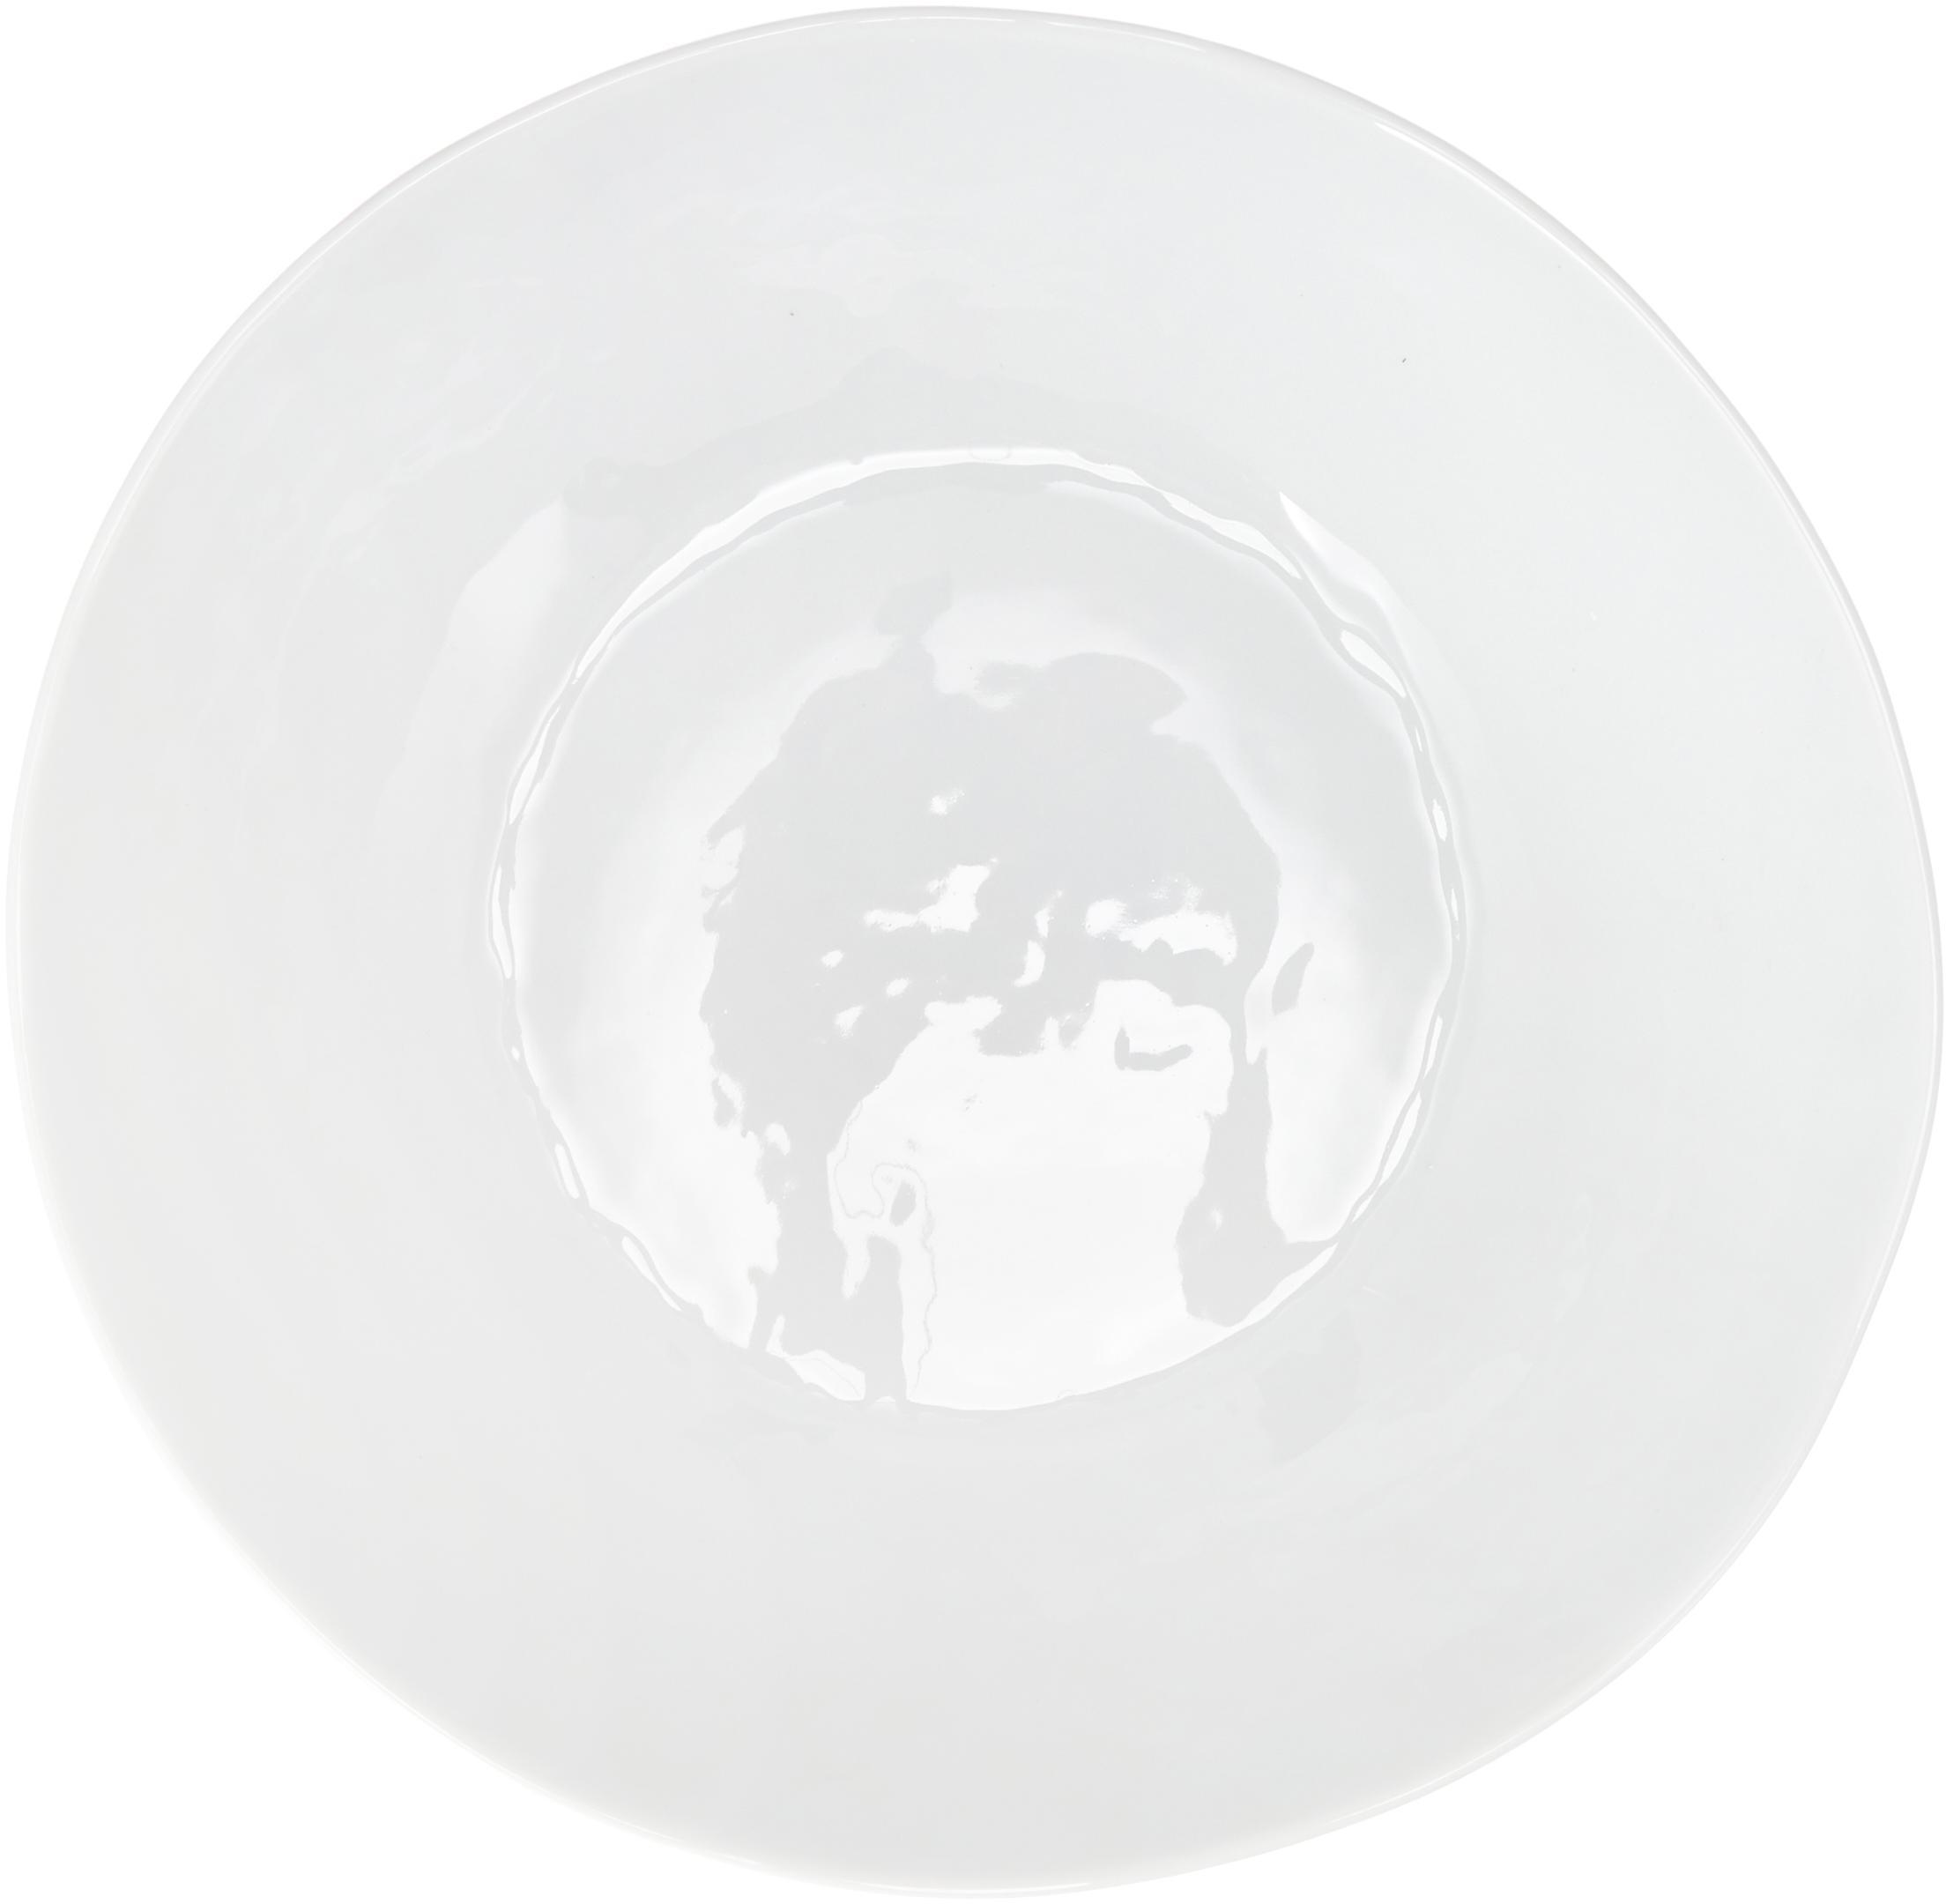 Ovale Schüssel Porcelino mit unebener Oberfläche, Porzellan, gewollt ungleichmässig, Weiss, B 33 x T 37 cm